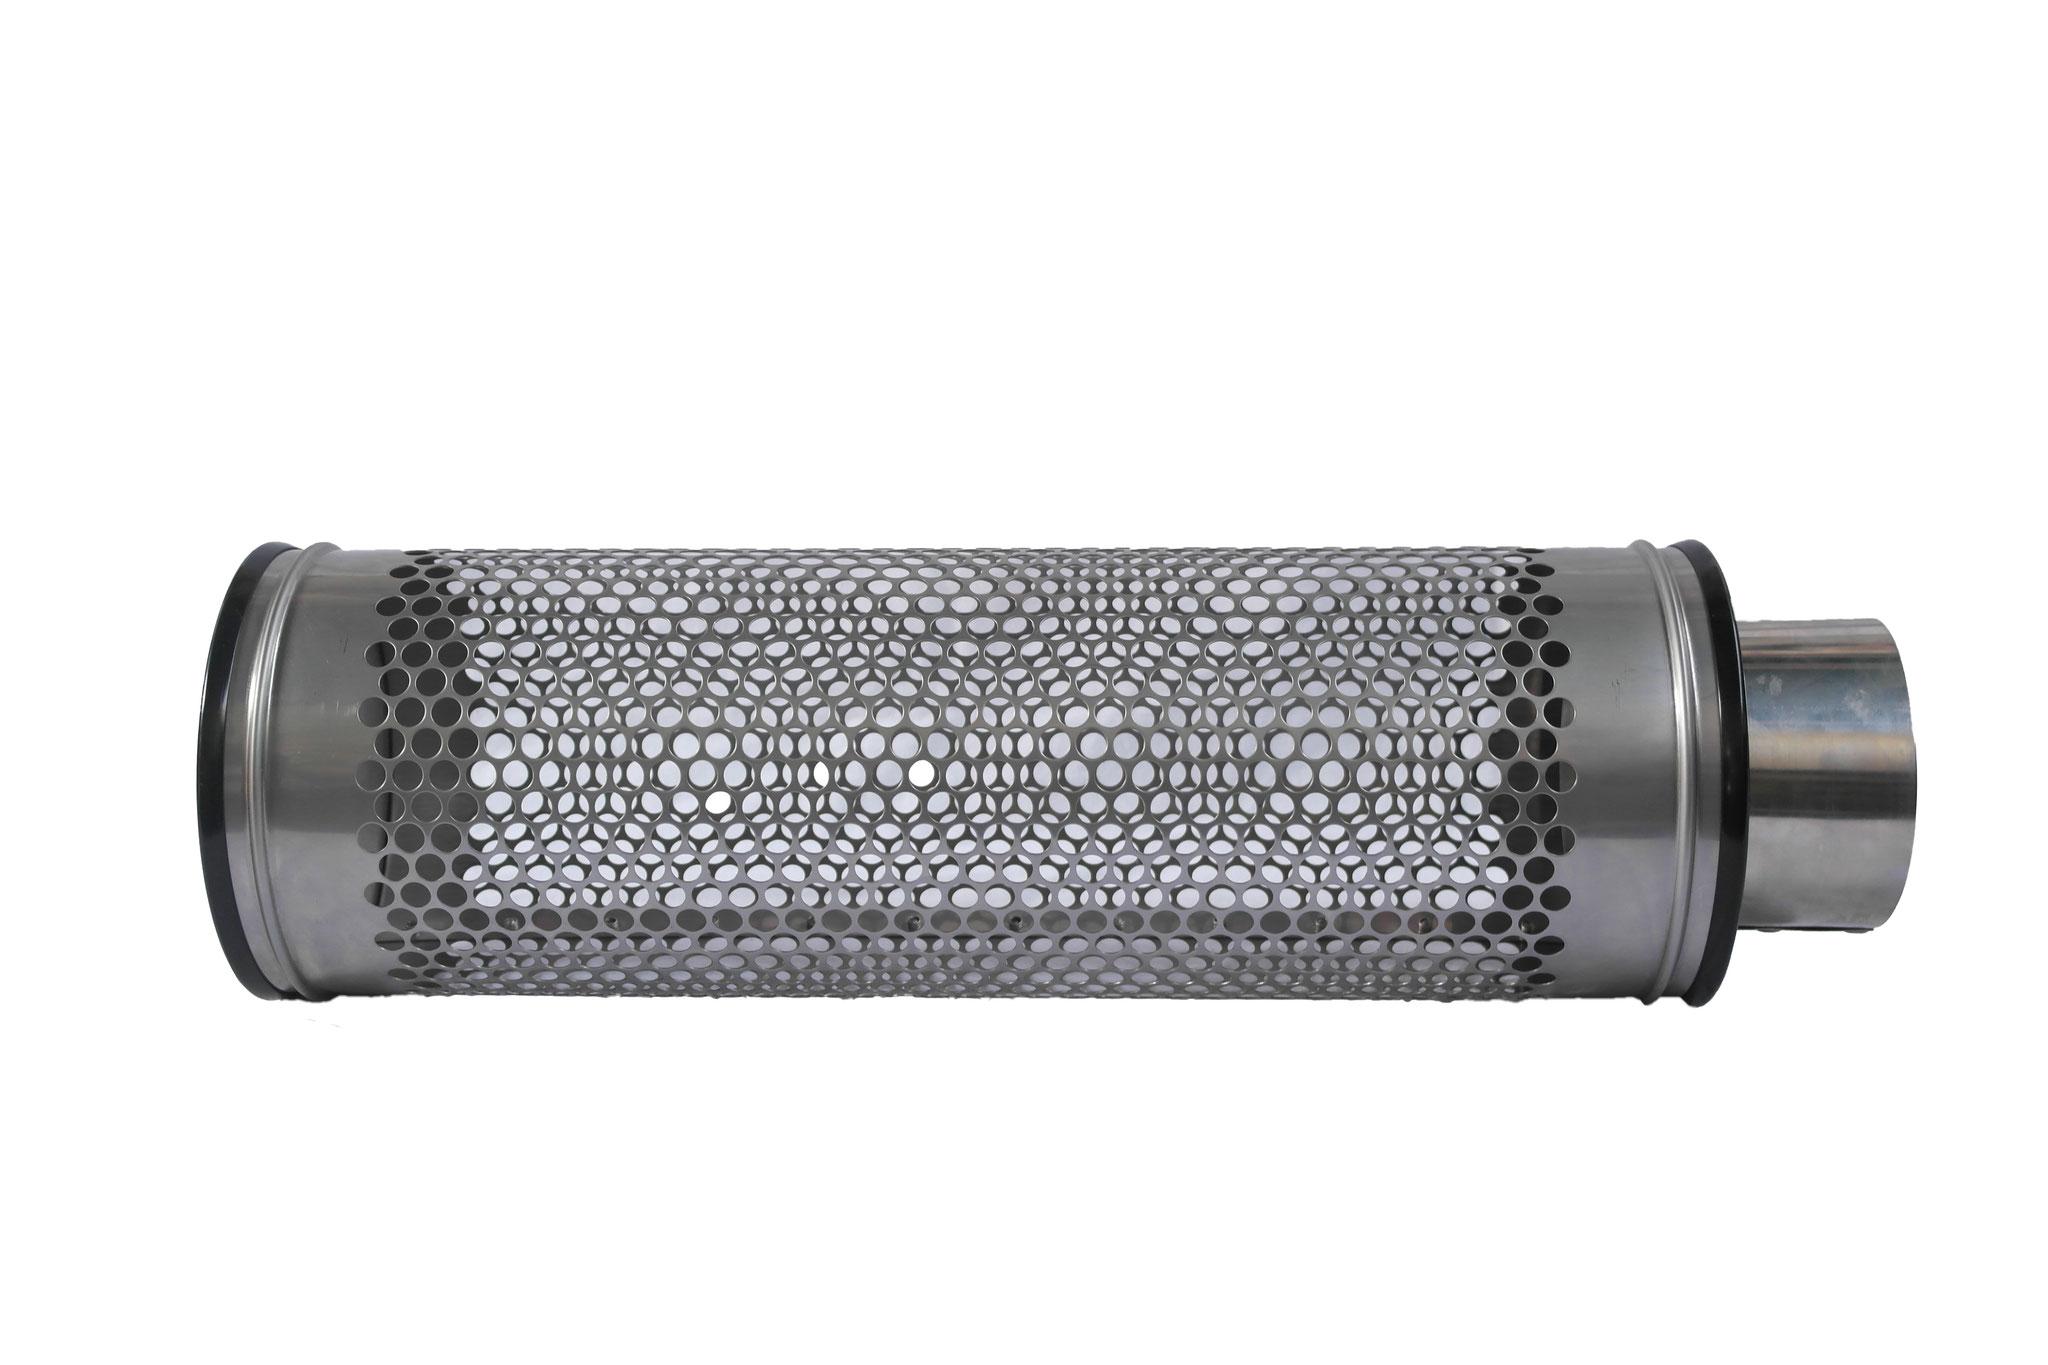 Siebrohr für 125 KG Rohr (DN 125) Reduziert von 160er Siebrohr einseitig verschlossen